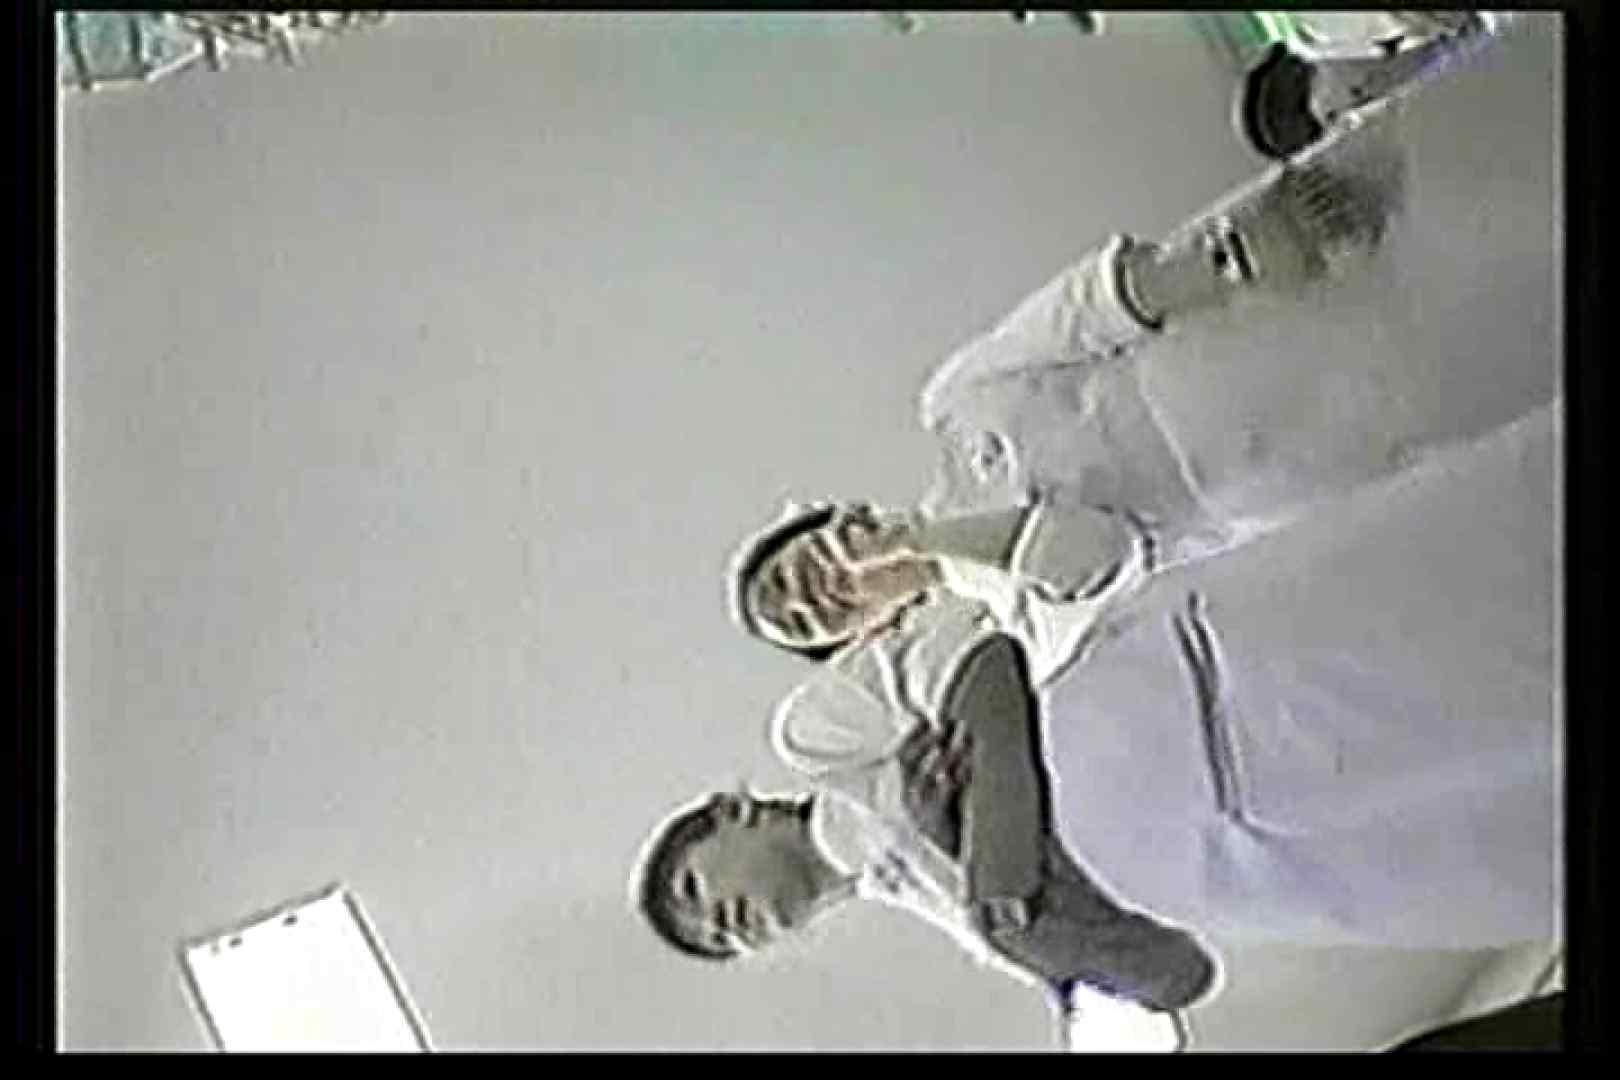 院内密着!看護婦達の下半身事情Vol.2 覗き 性交動画流出 105PIX 77